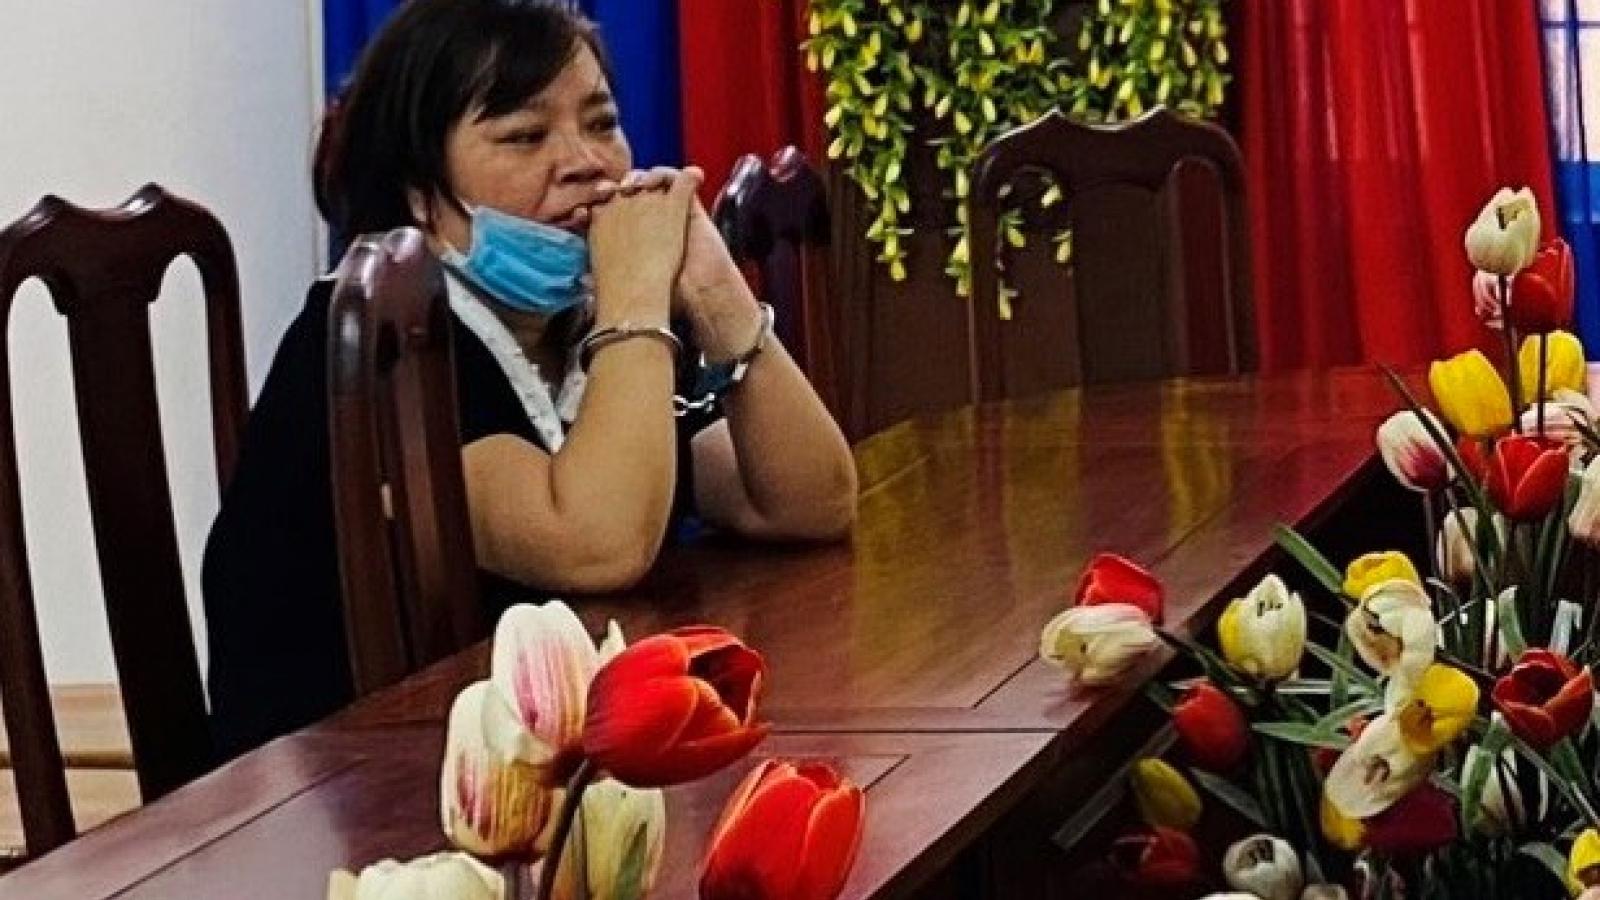 Nữ giám đốc bị khởi tố với cáo buộc lừa đảo hơn 5 tỷ đồng